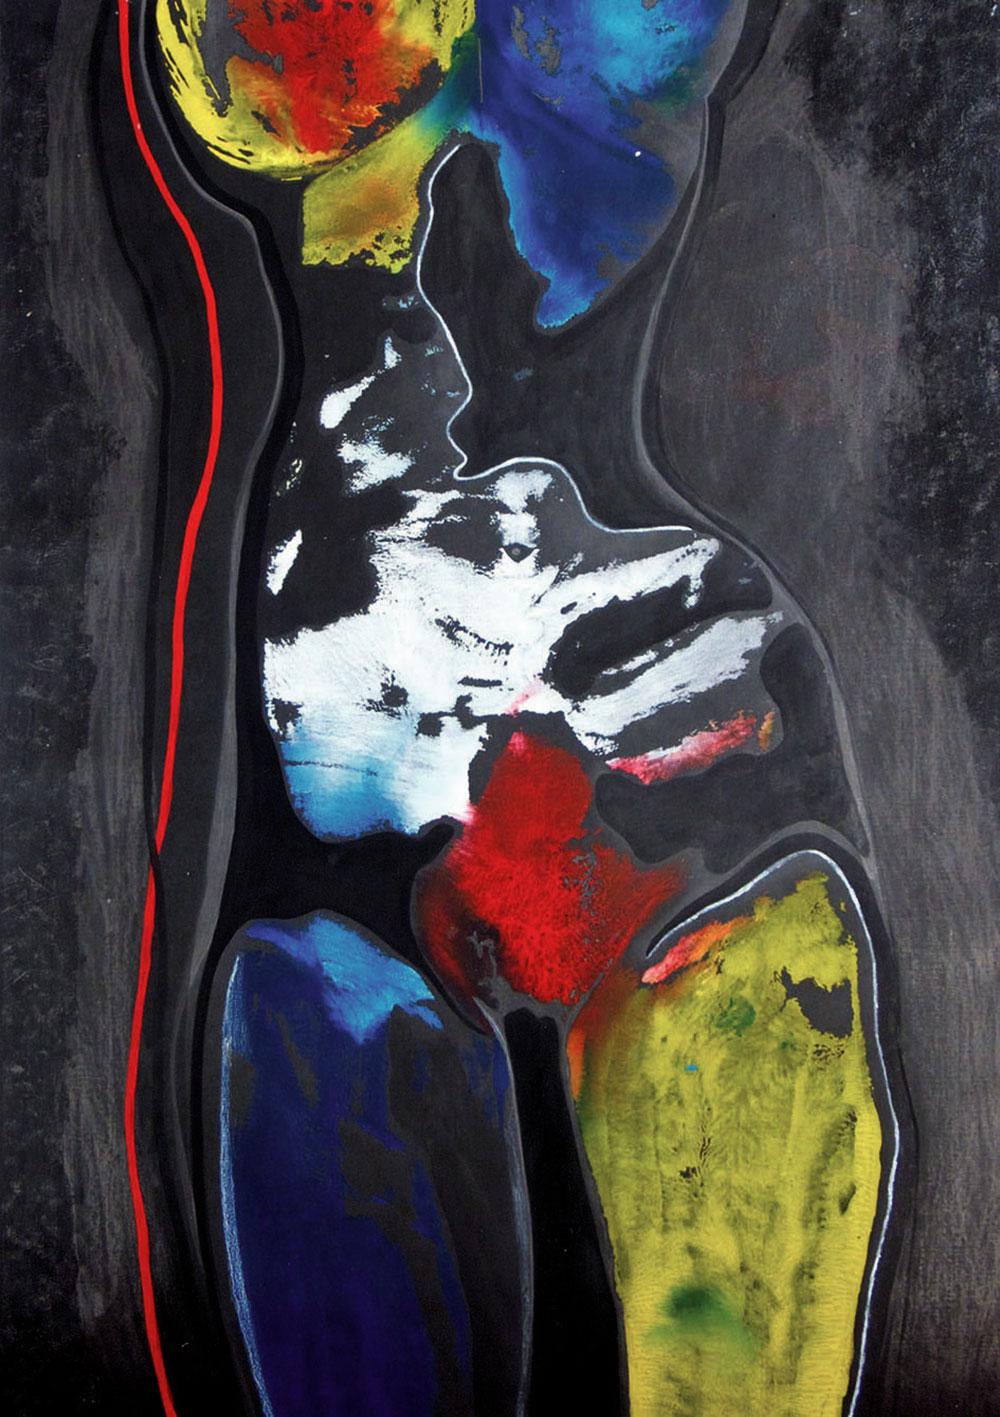 Körperlandschaft 1997 / Acryl, Graphit, Tusche auf Papier, 48x67 cm